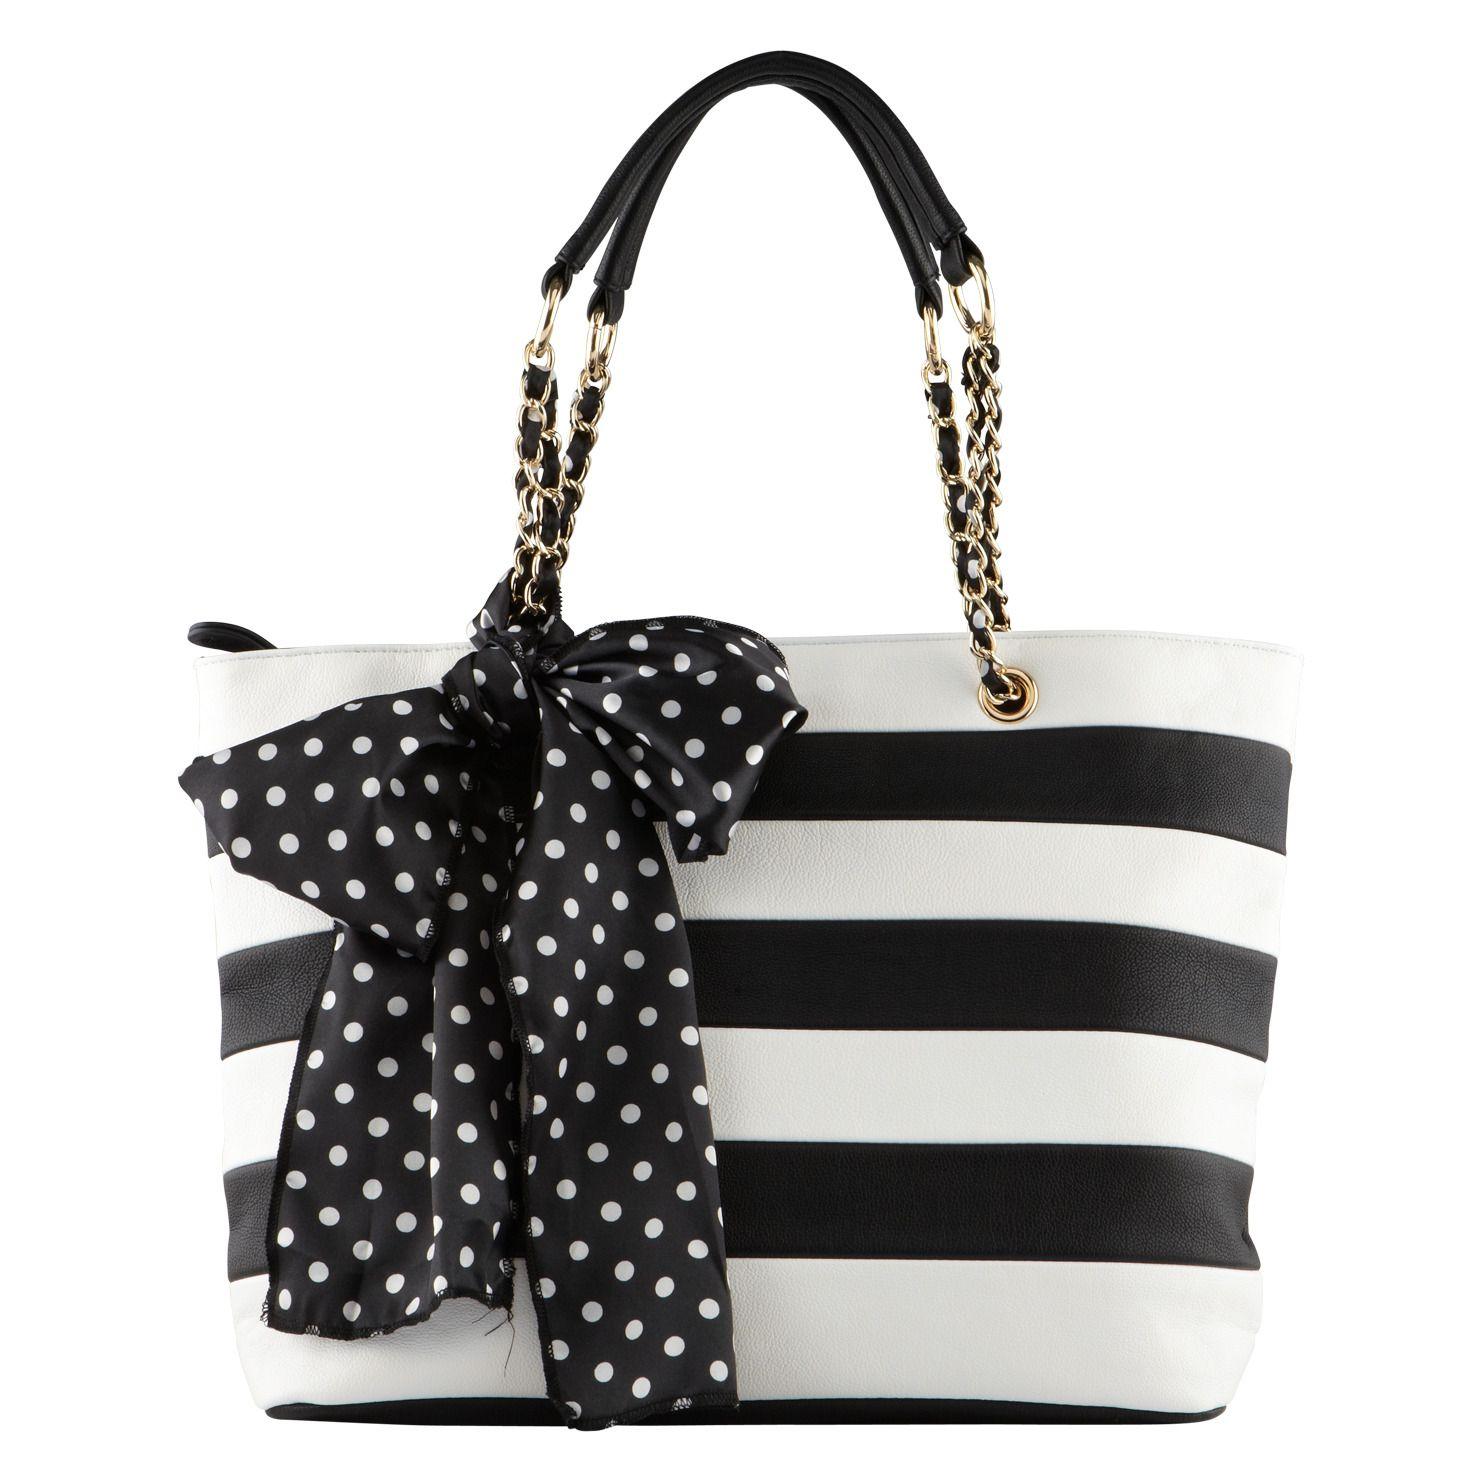 ARCHILA - handbags's shoulder bags & totes for sale at ALDO Shoes ...